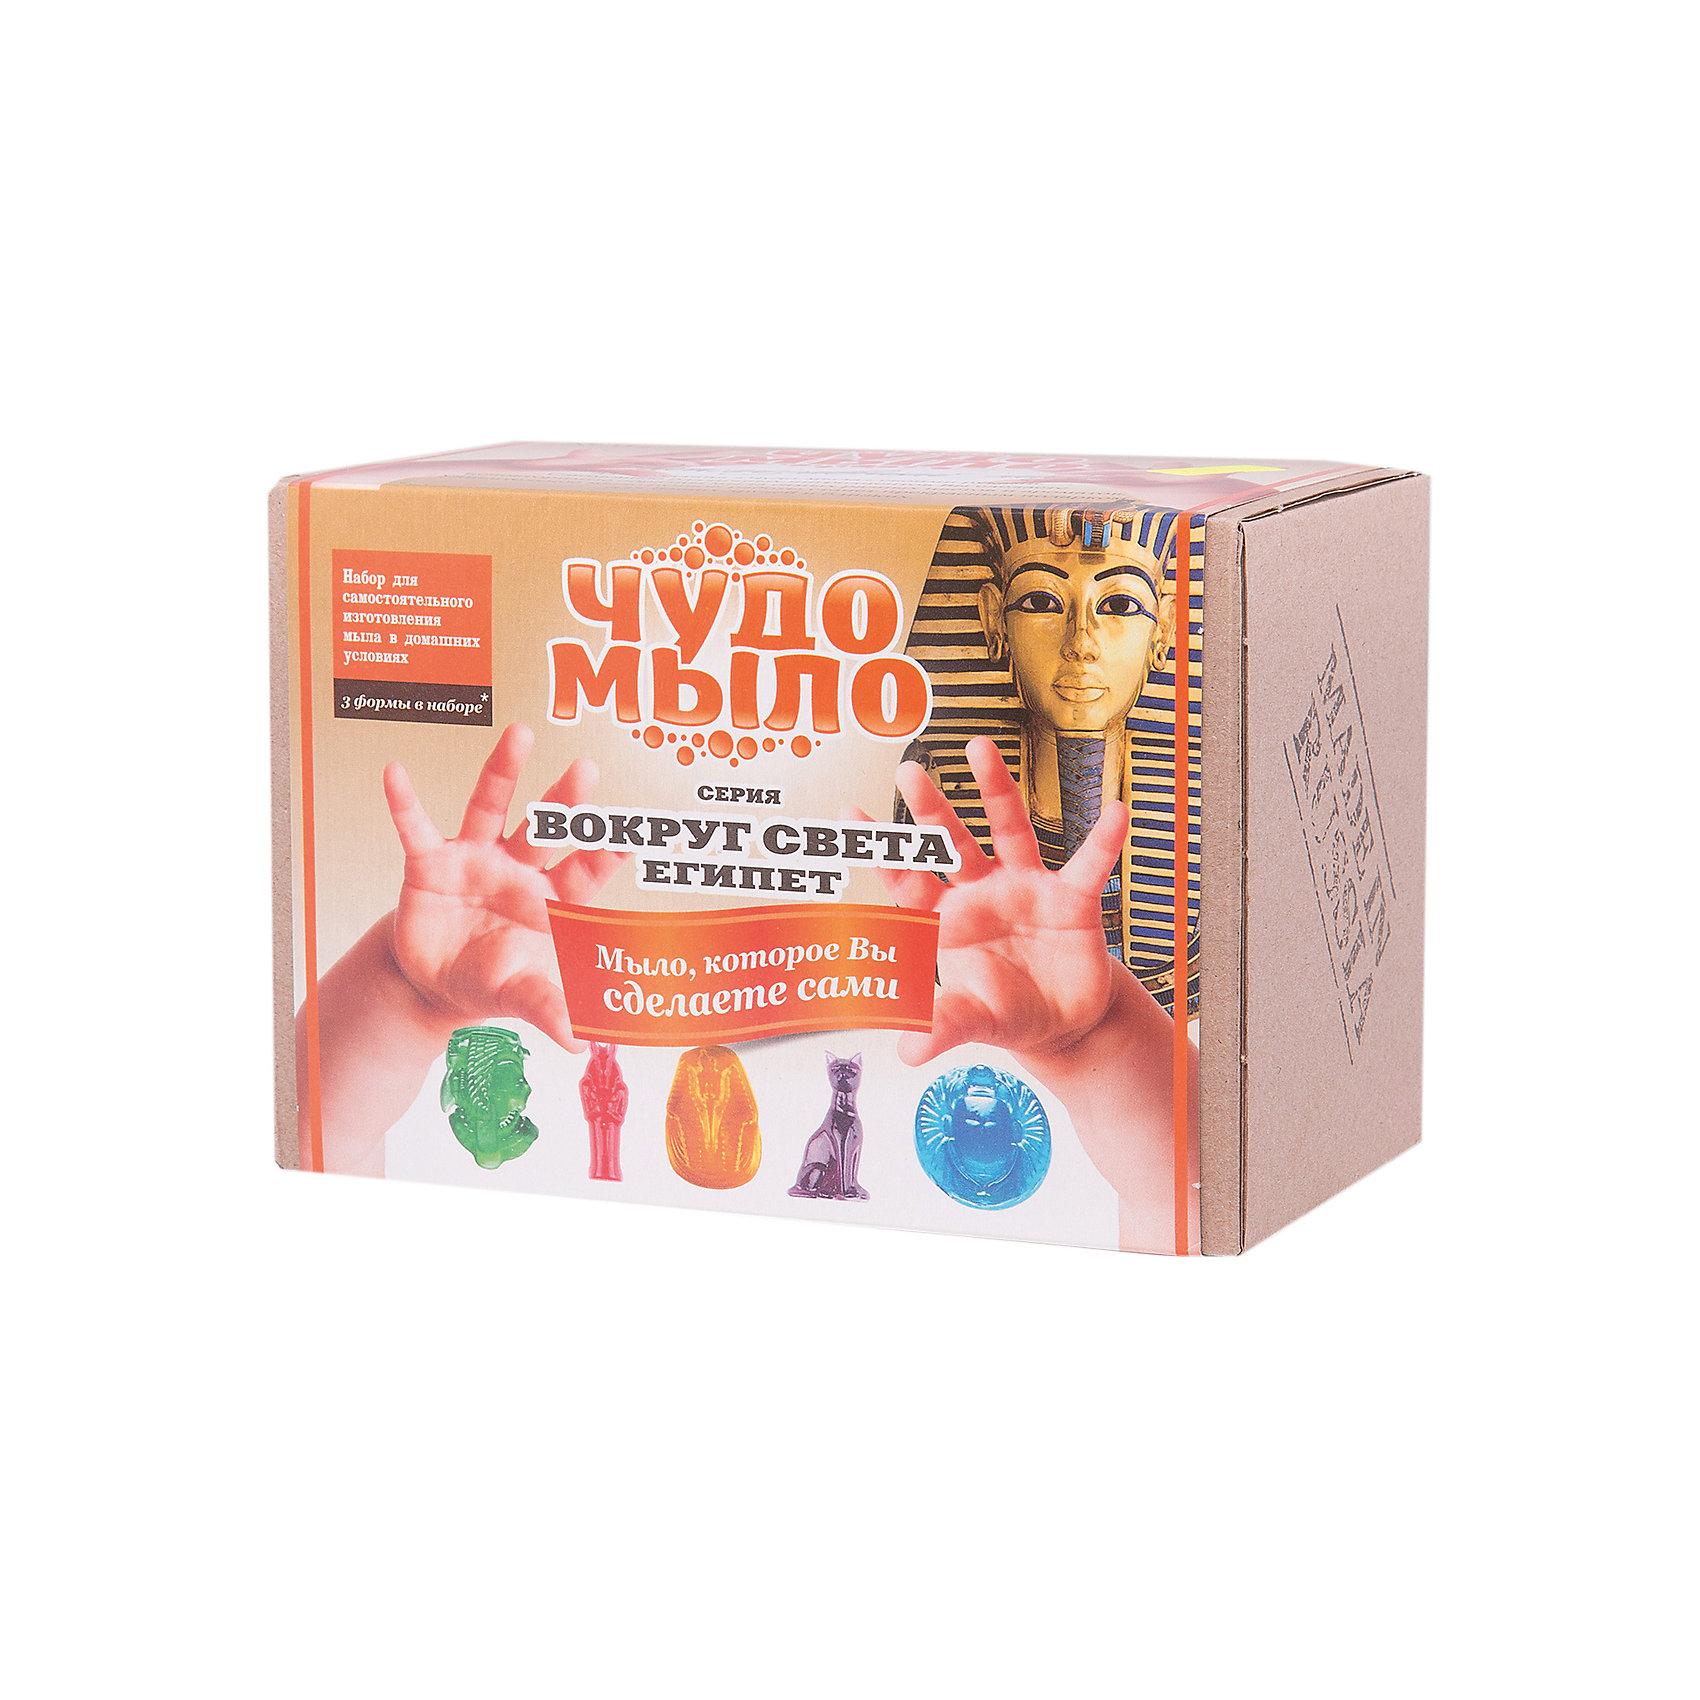 Чудо-Мыло Египет (малый набор)Наборы для создания мыла<br>Характеристики:<br><br>• размер: 19x11x13см.;<br>• в набор входит: прозрачная мыльная основа, красители и ароматизатор, керамическая чаша, перчатки, палочки, формы для мыла 3 шт.;<br>• вес: 400 г.;<br>• для детей в возрасте: от 8 лет;<br>• страна производитель: Россия.<br><br>Этот удивительный набор от Master IQ2 (Мастер АйКью2) позволит перенестись на какое-то время в необычайный мир мыловарения. Вместе с простой пошаговой инструкцией ребёнок легко может сделать красивое мыло в стиле Древнего Египта самостоятельно. Благодаря этому интересному набору ребёнок может погрузиться в историю Древнего мира и почувствовать себя путешественником во времени.<br><br>Набор для изготовления мыла станет отличным помощником в сфере художественного развития и прекрасно подойдёт для развития моторики рук, усидчивости, аккуратности. Кроме того, задание повышает самооценку, ведь ребёнок смог сам сделать это красивое мыло.<br><br>Чудо-Мыло Египет (малый набор) NEW можно купить в нашем интернет-магазине.<br><br>Ширина мм: 182<br>Глубина мм: 122<br>Высота мм: 102<br>Вес г: 476<br>Возраст от месяцев: 96<br>Возраст до месяцев: 180<br>Пол: Женский<br>Возраст: Детский<br>SKU: 5083855